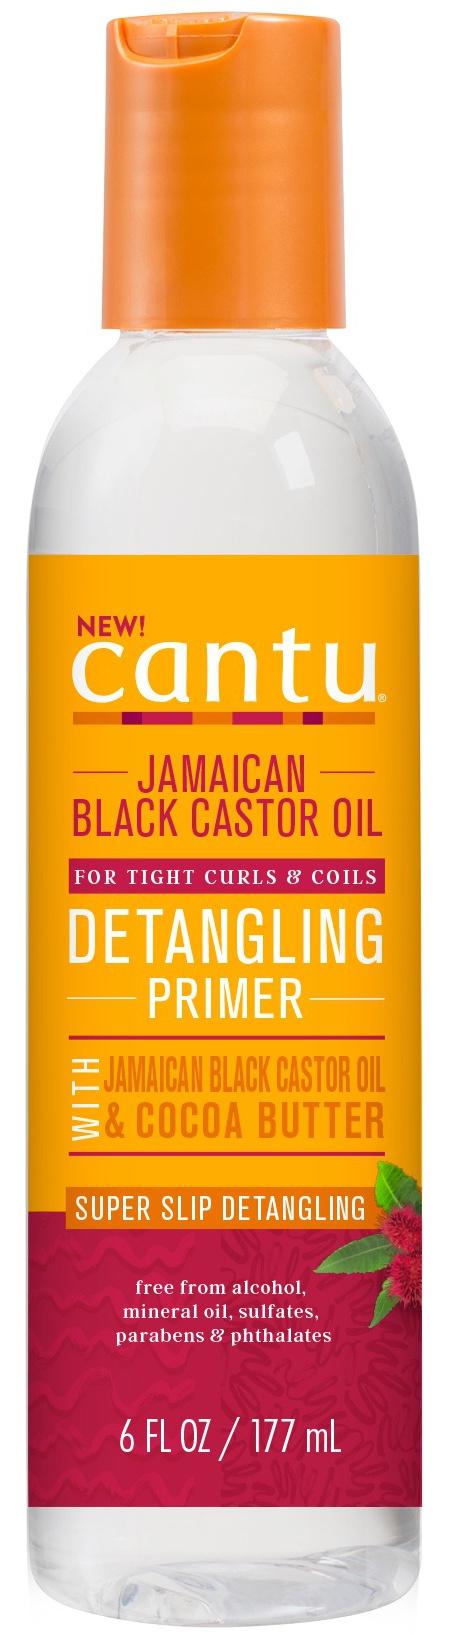 Cantu Jamaican Black Castor Oil Collection Detangling Primer